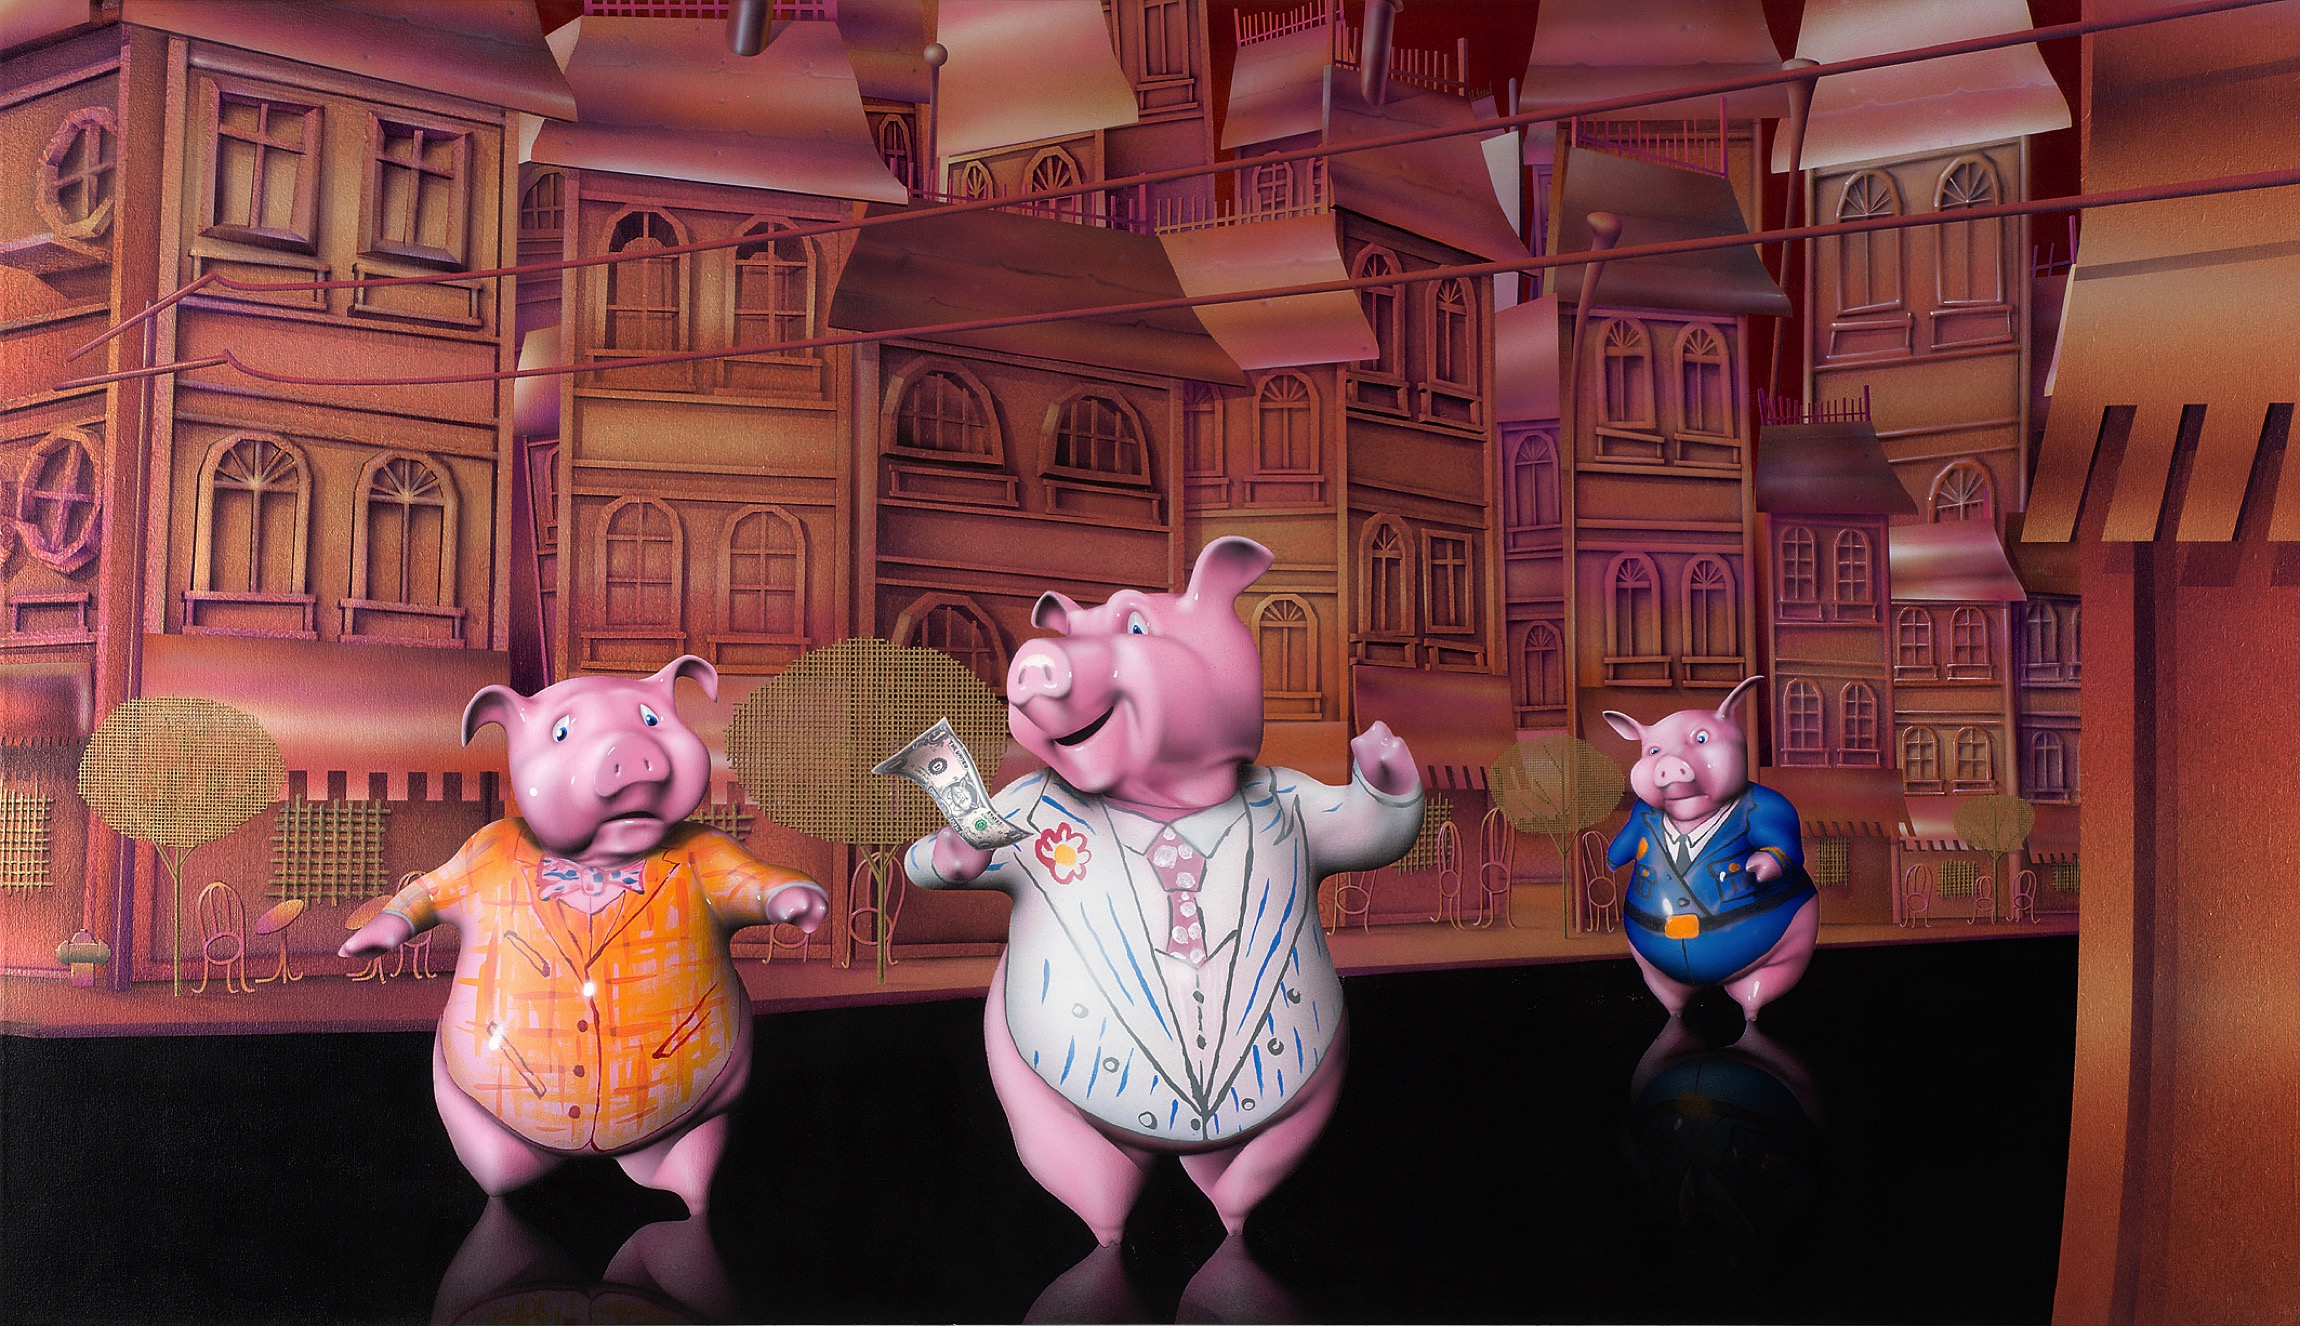 2010 Matthew Weinstein 3 Pigs And 3 Fish